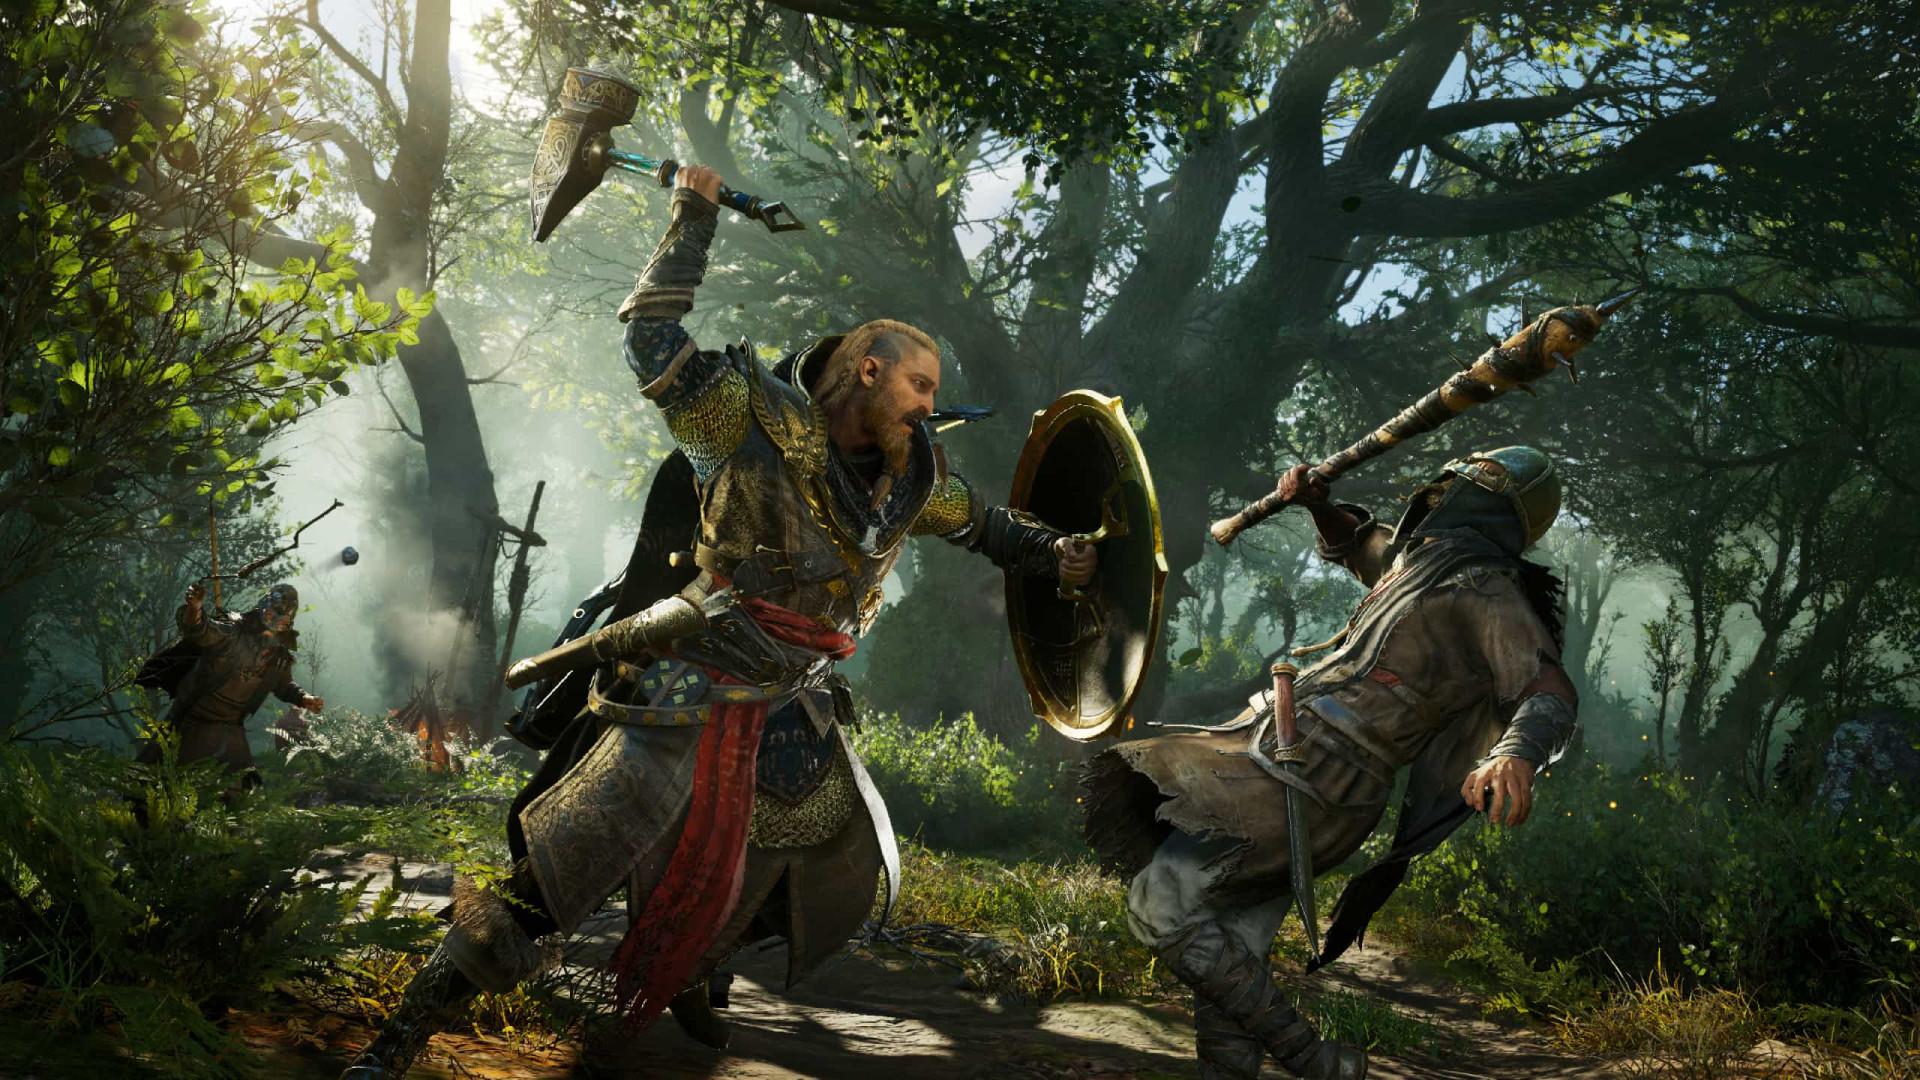 Próximo 'Assassin's Creed' pode ter lugar no Brasil, admite produtor